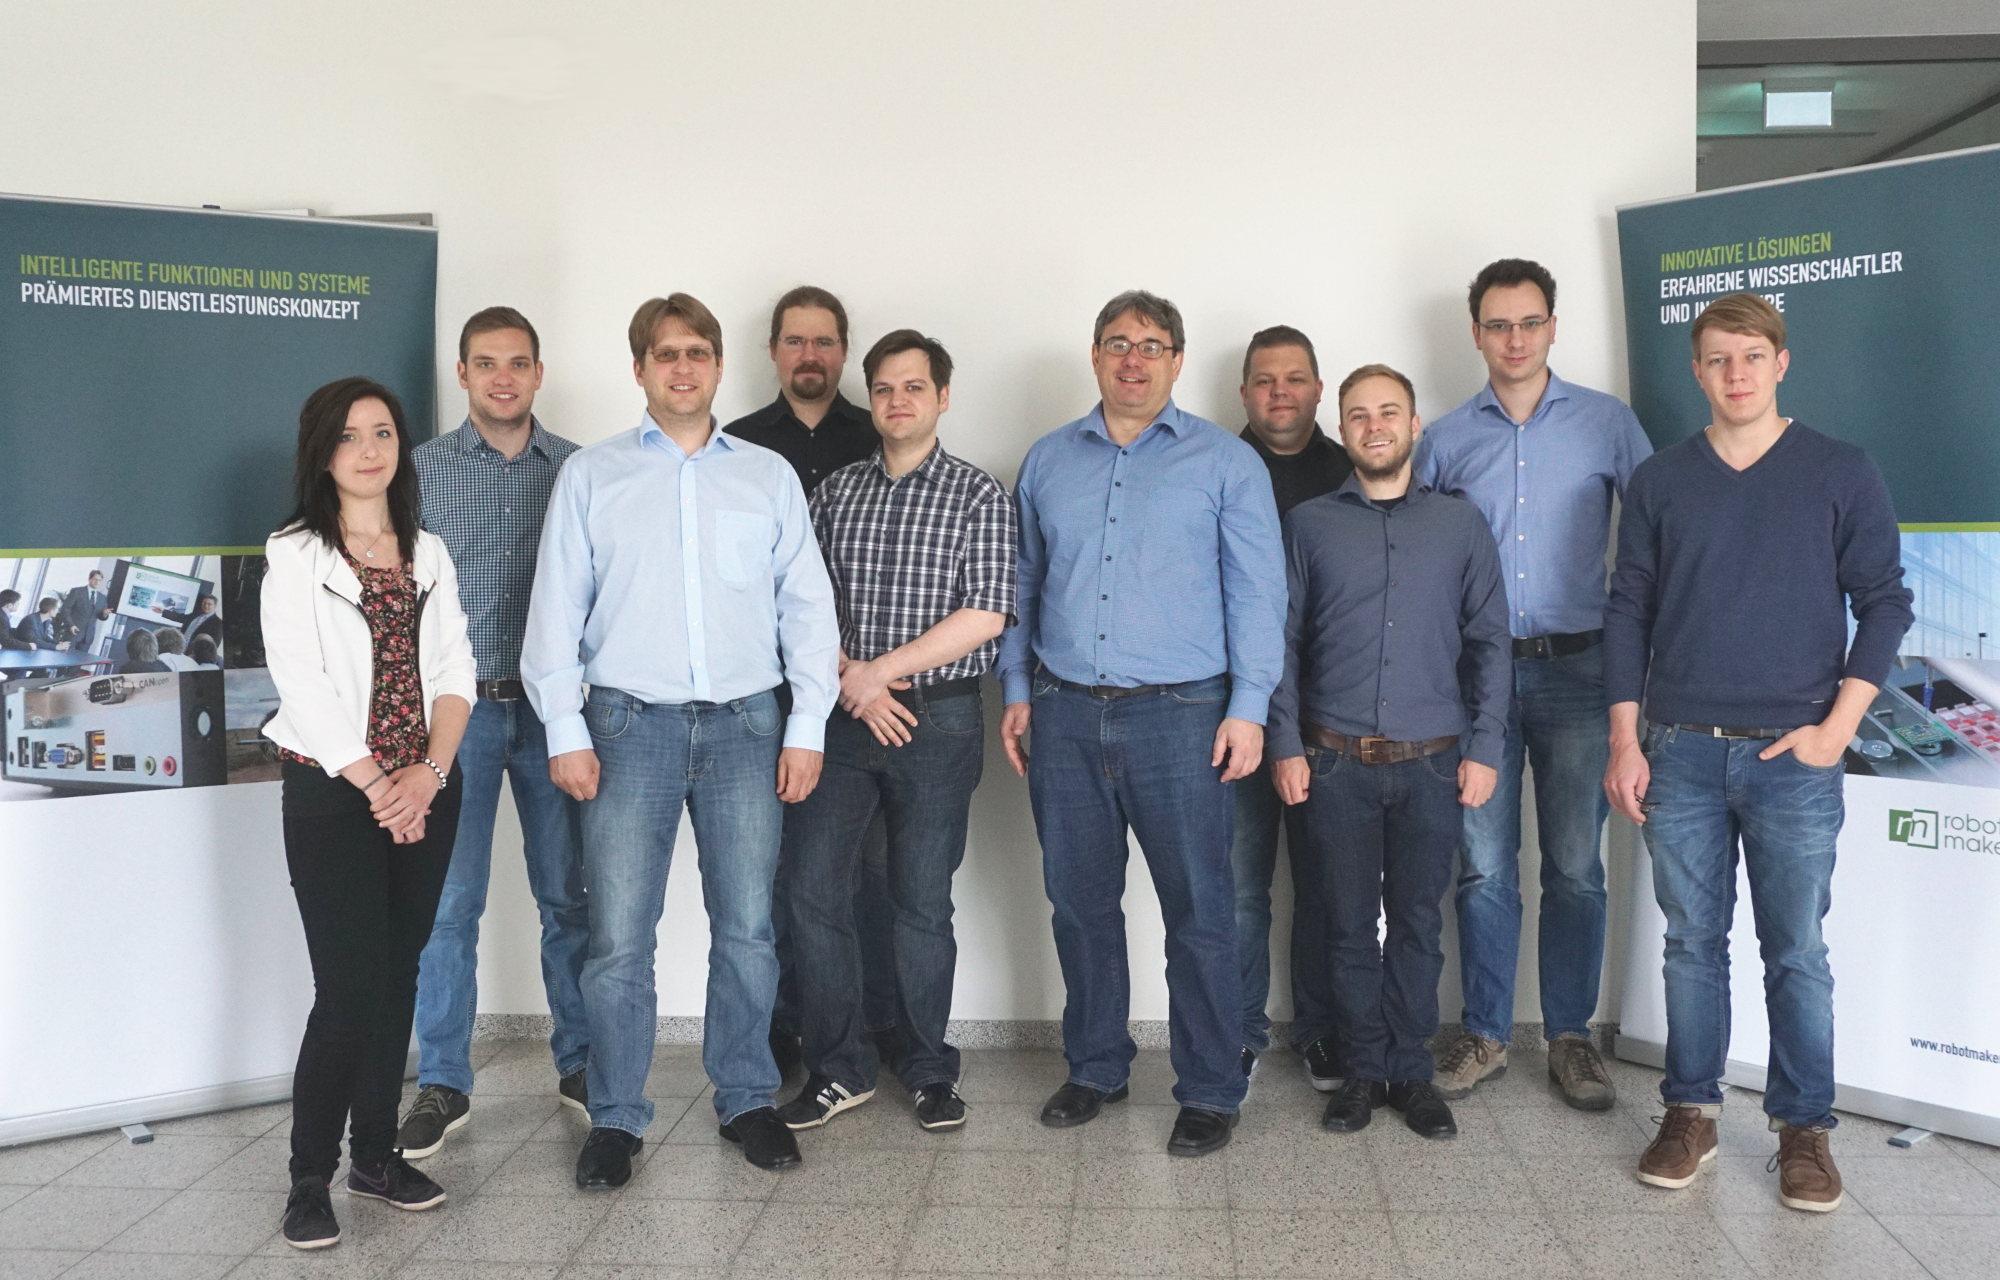 Die Robot Makers GmbH wird 5 Jahre alt